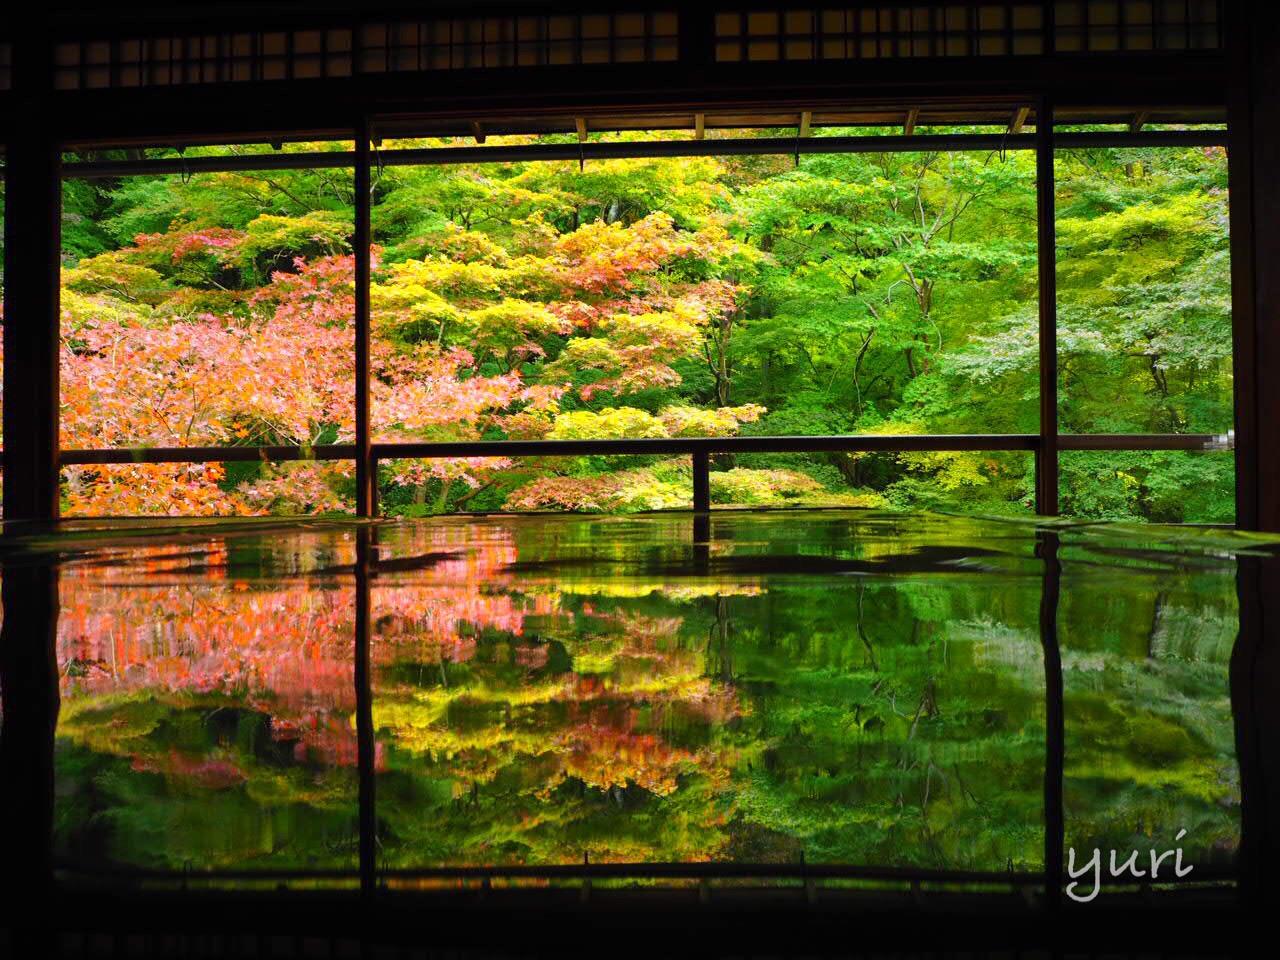 京都 瑠璃光院で撮れる素敵なリフレクション